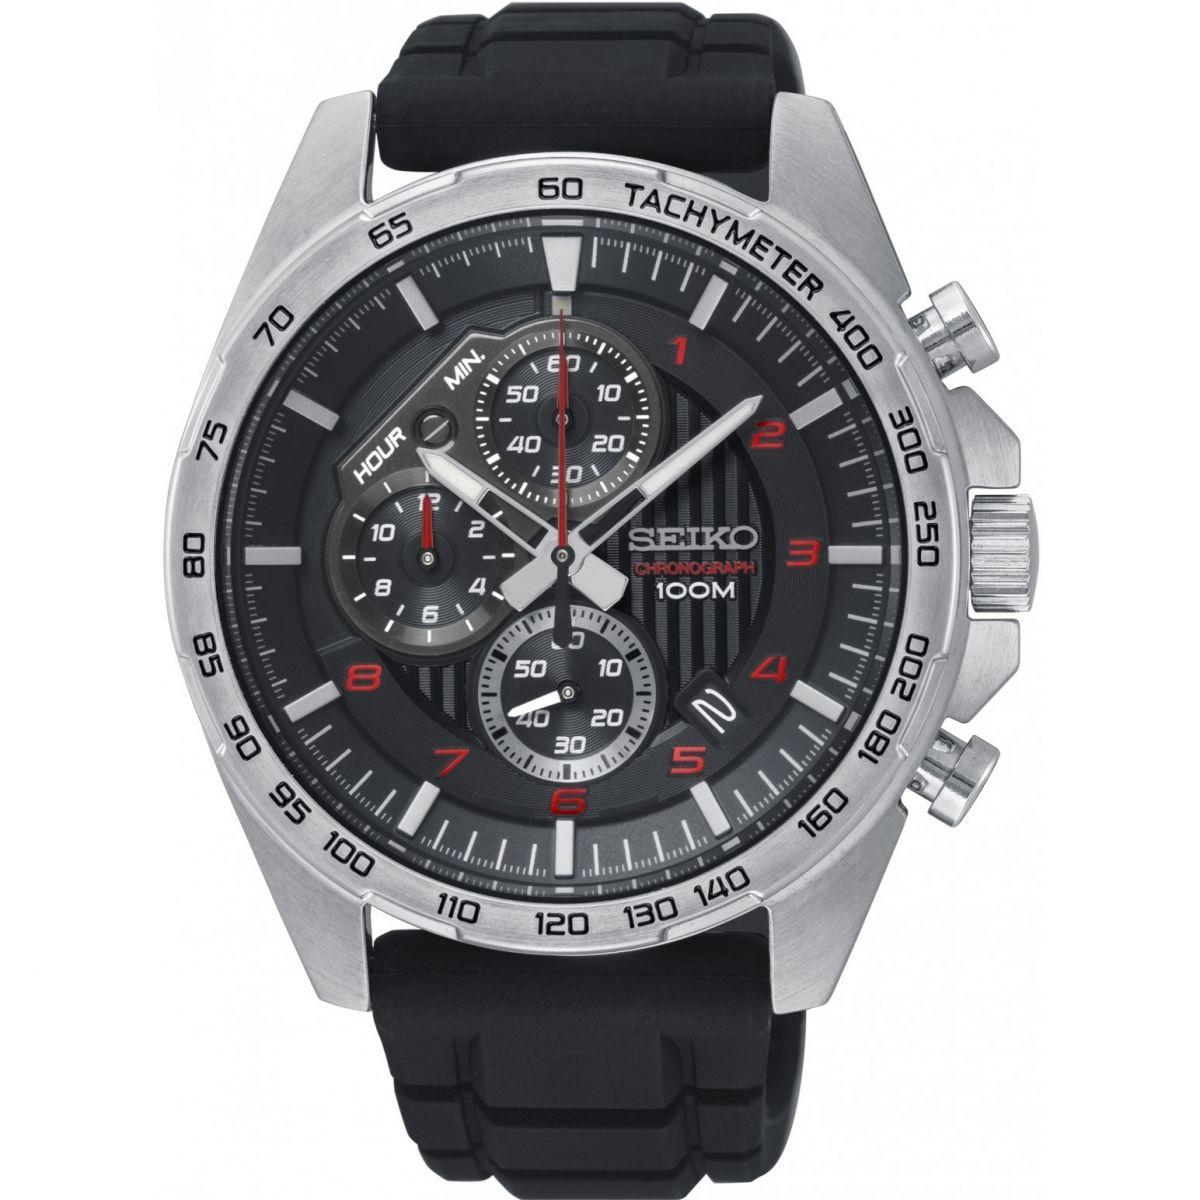 นาฬิกาผู้ชาย Seiko รุ่น SSB325P1, Motosport Chronograph Tachymeter Men's Watch